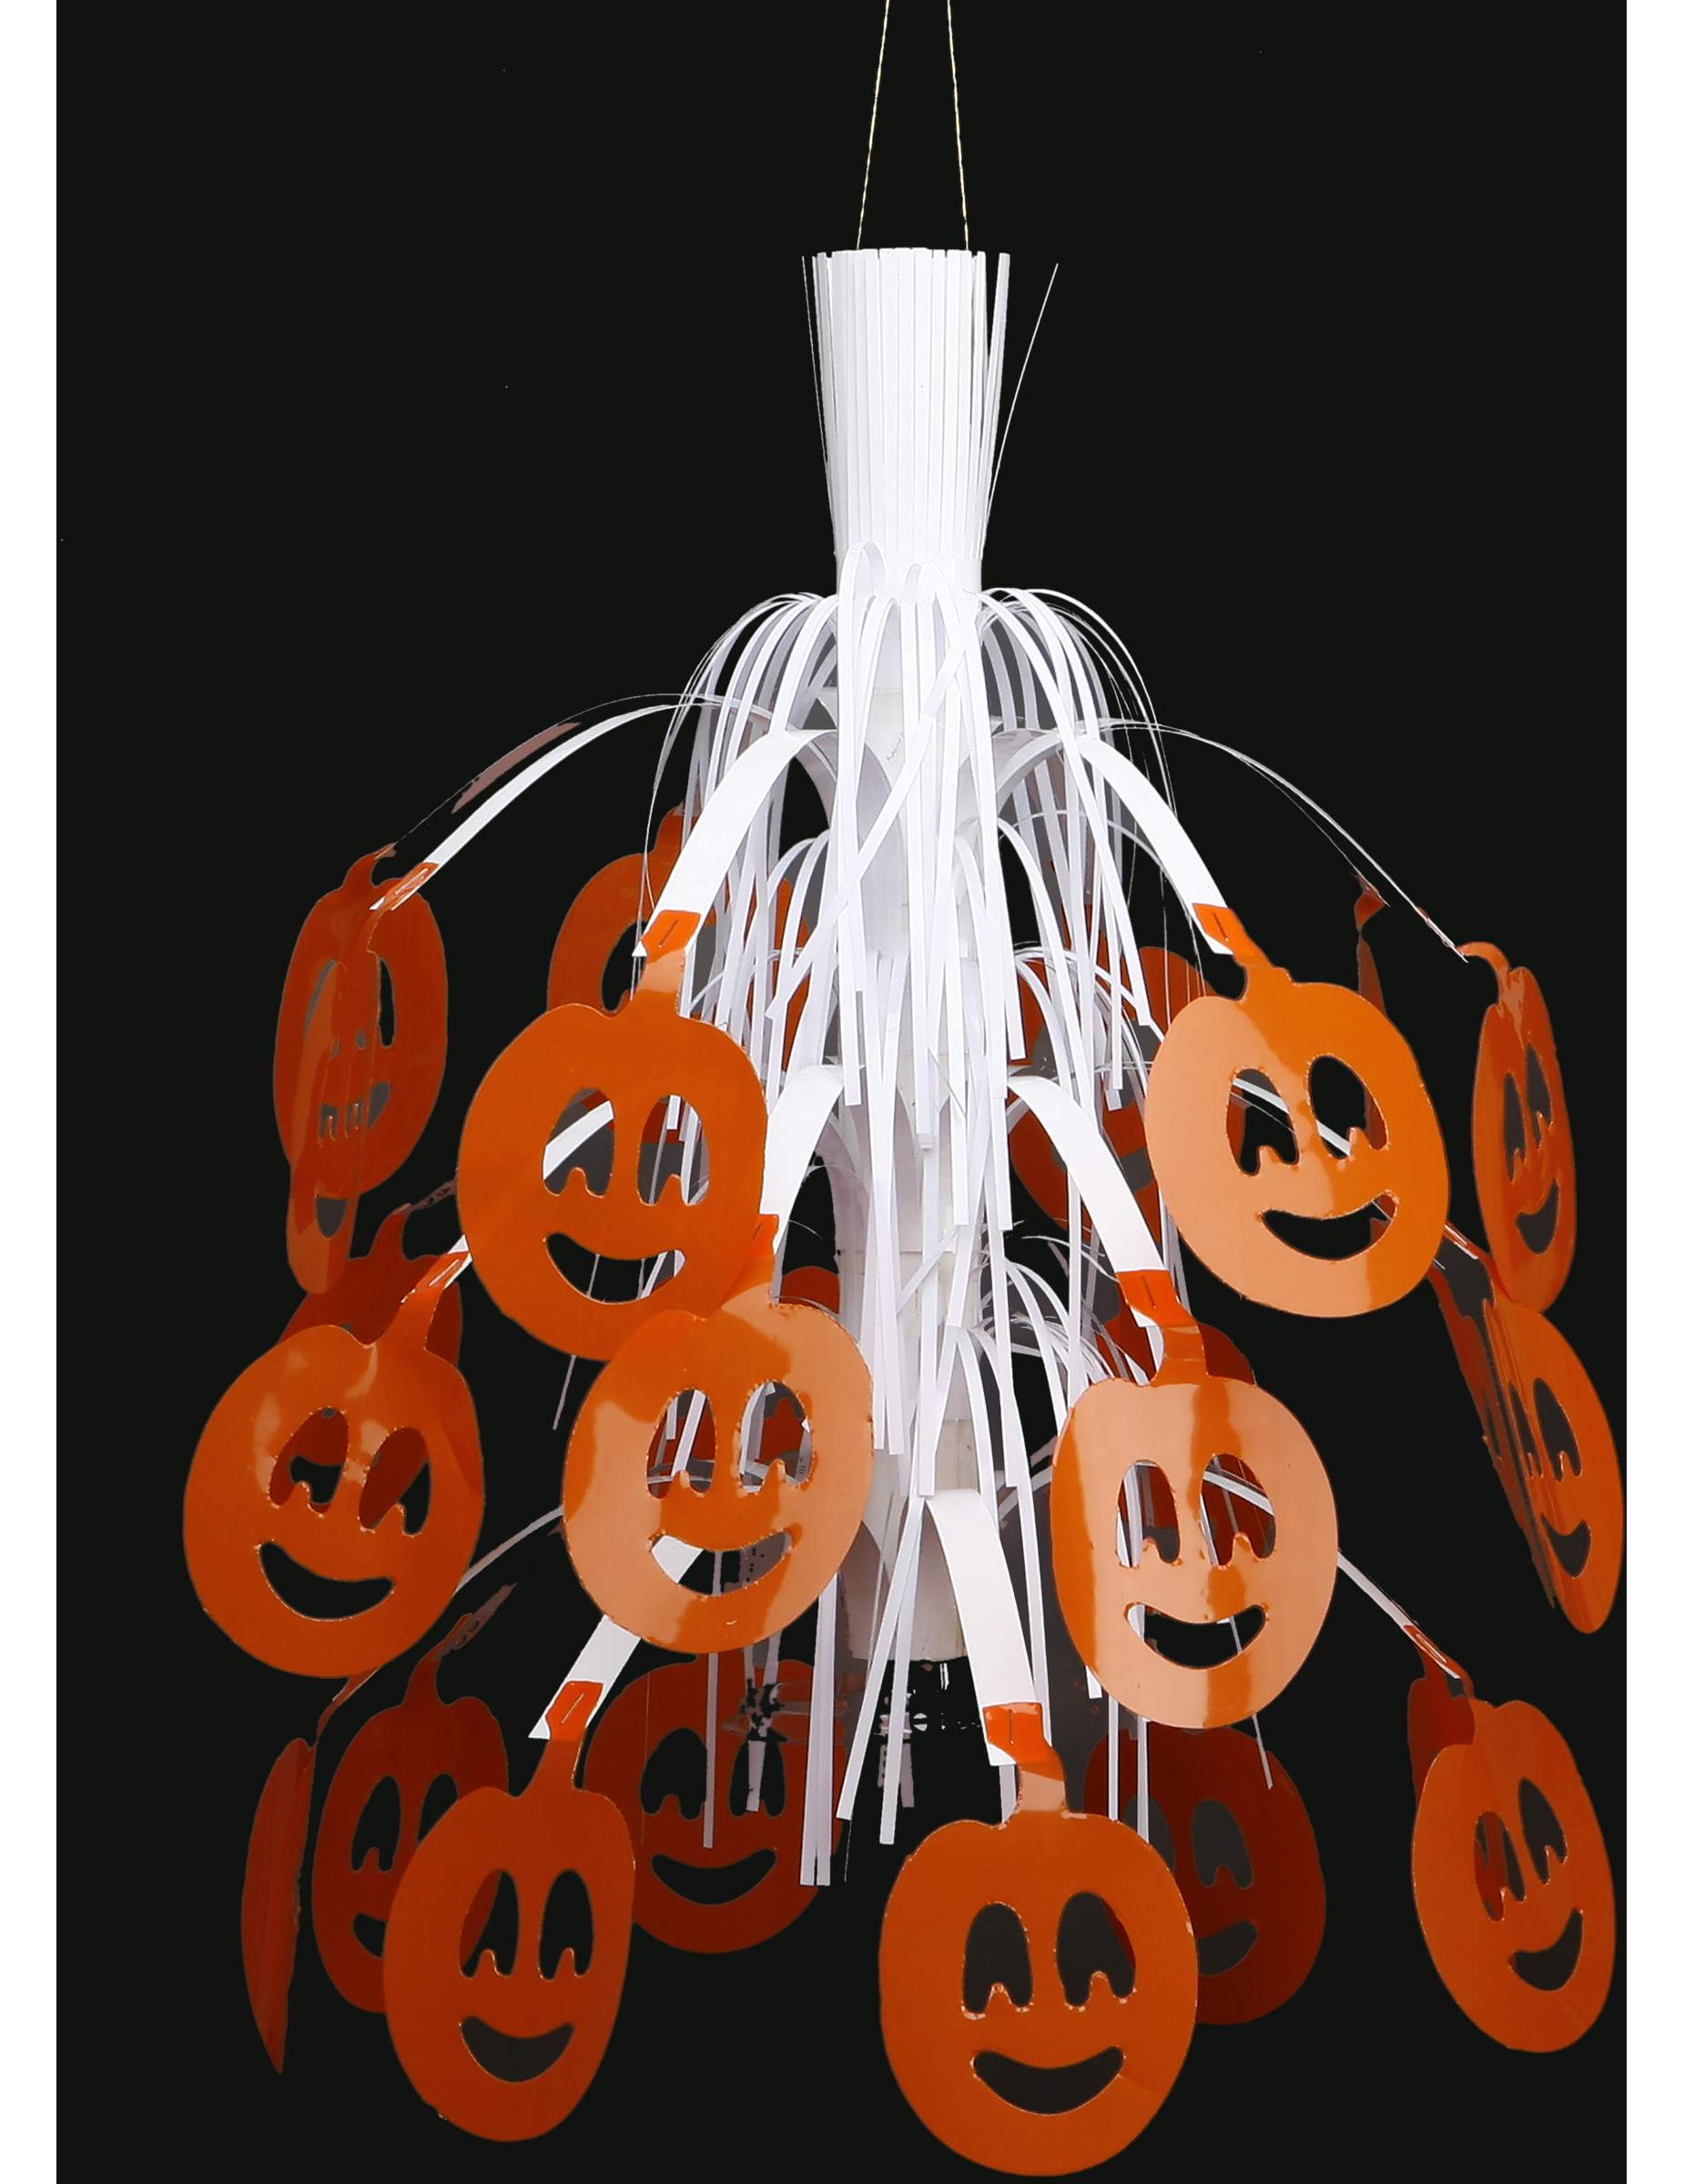 D coration citrouilles halloween deguise toi achat de decoration animation - Deguisetoi fr halloween ...